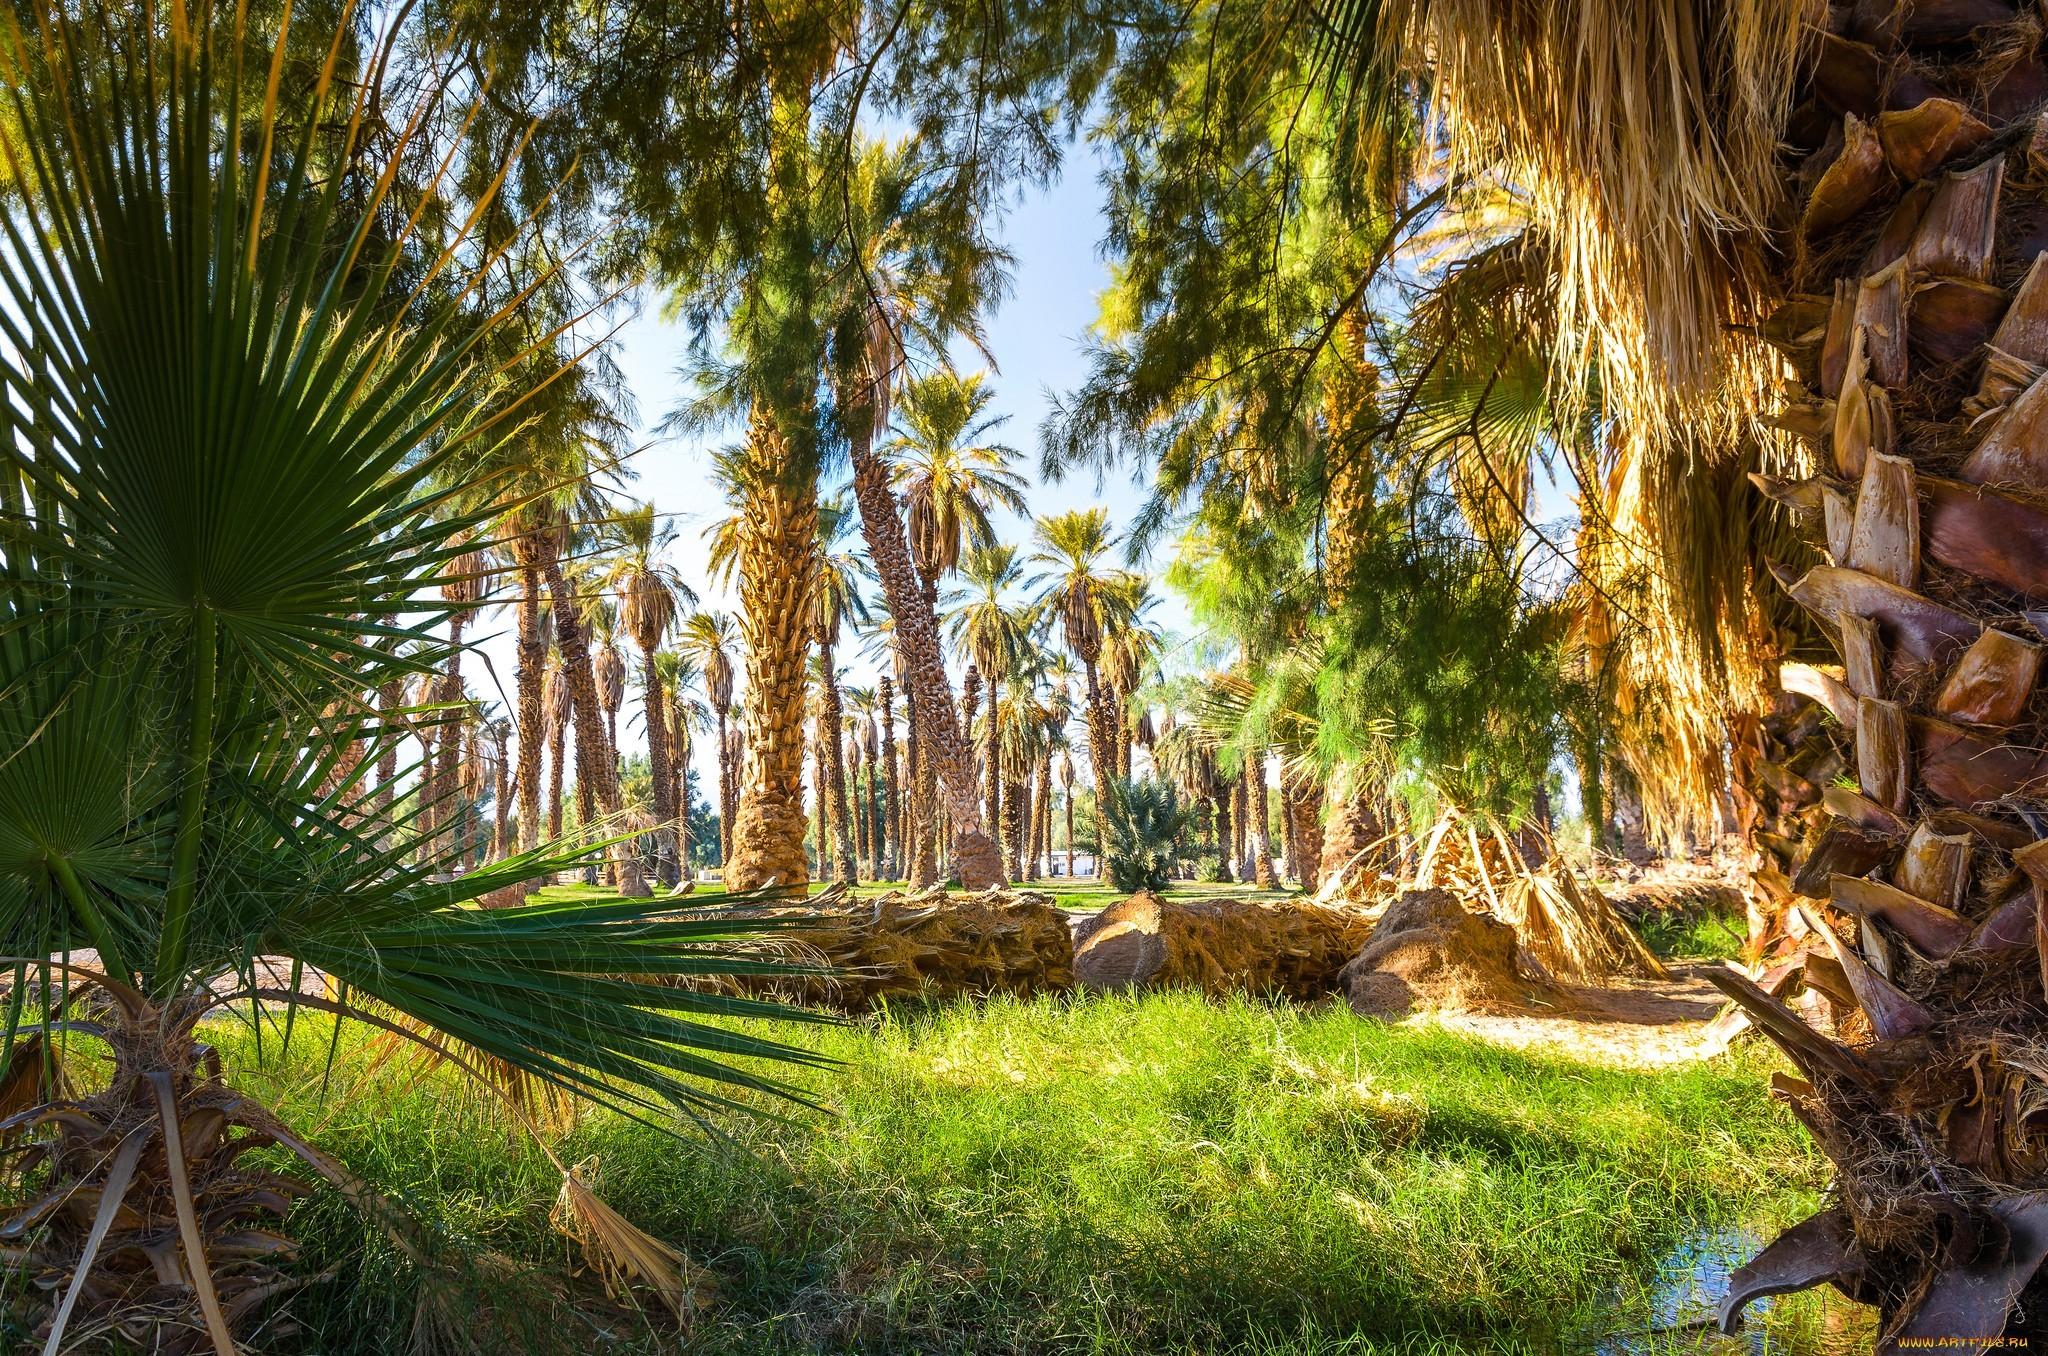 фото красивого леса с пальмами моменту нашего